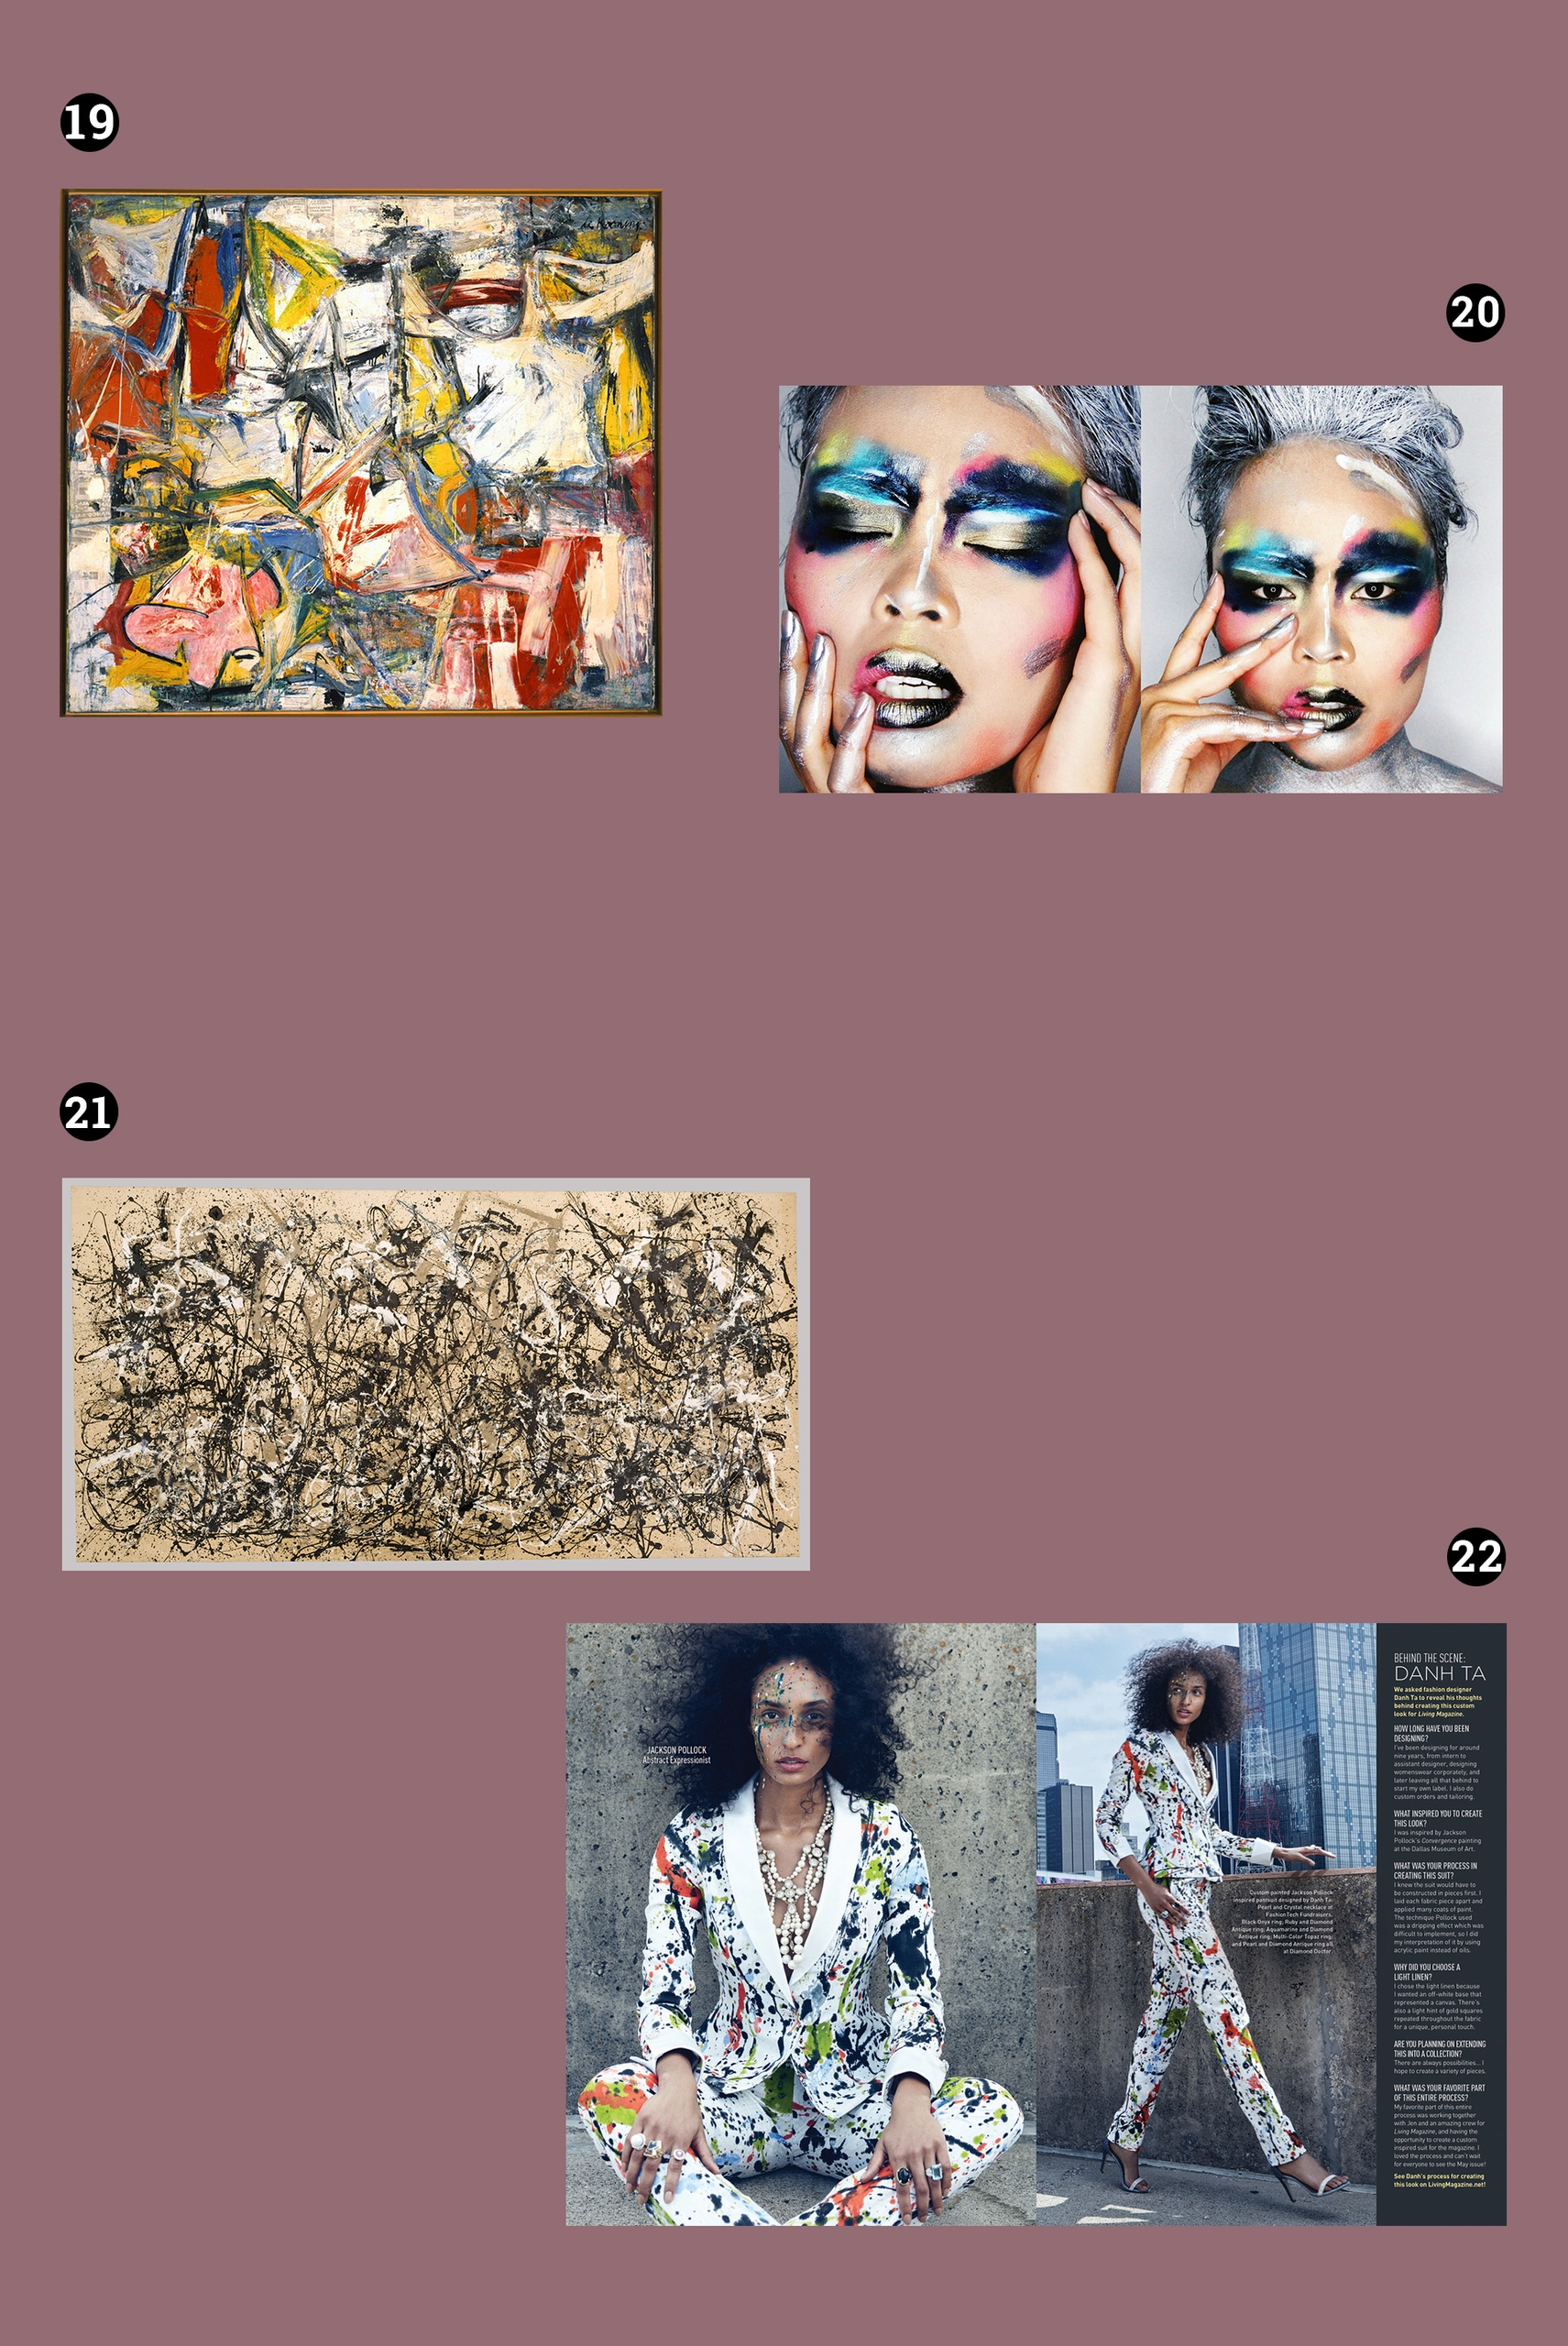 Obraz przedstawia cztery zdjęcia, z czego dwa pokazują obrazy abstrakcyjne, a dwa pozostałe to kobiece portrety. Całość na fioletowym tle.